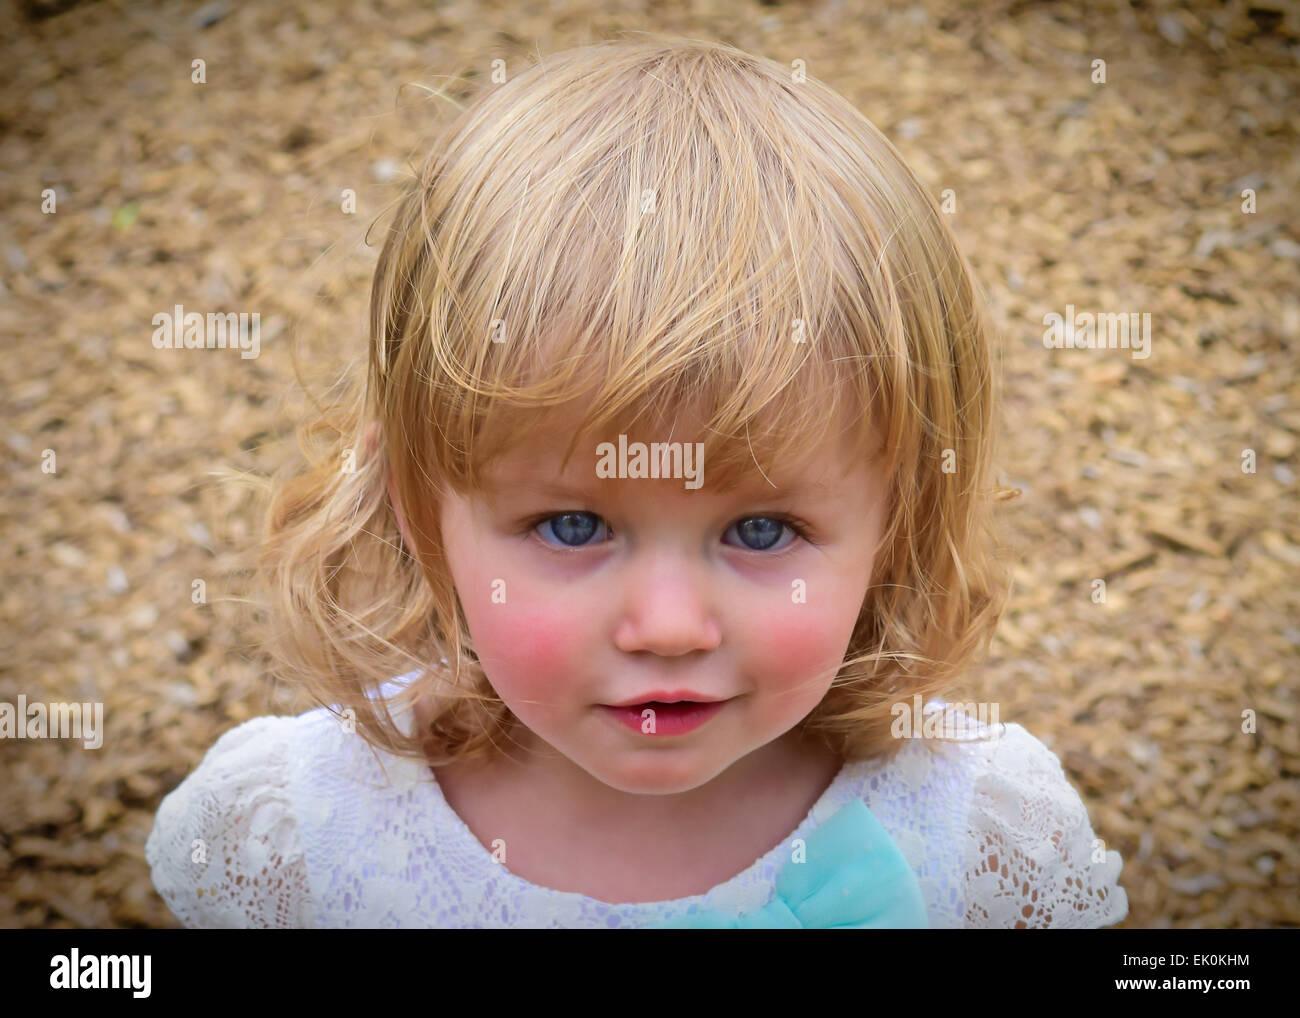 Retrato de una niña pequeña, rubia, en un parque Imagen De Stock